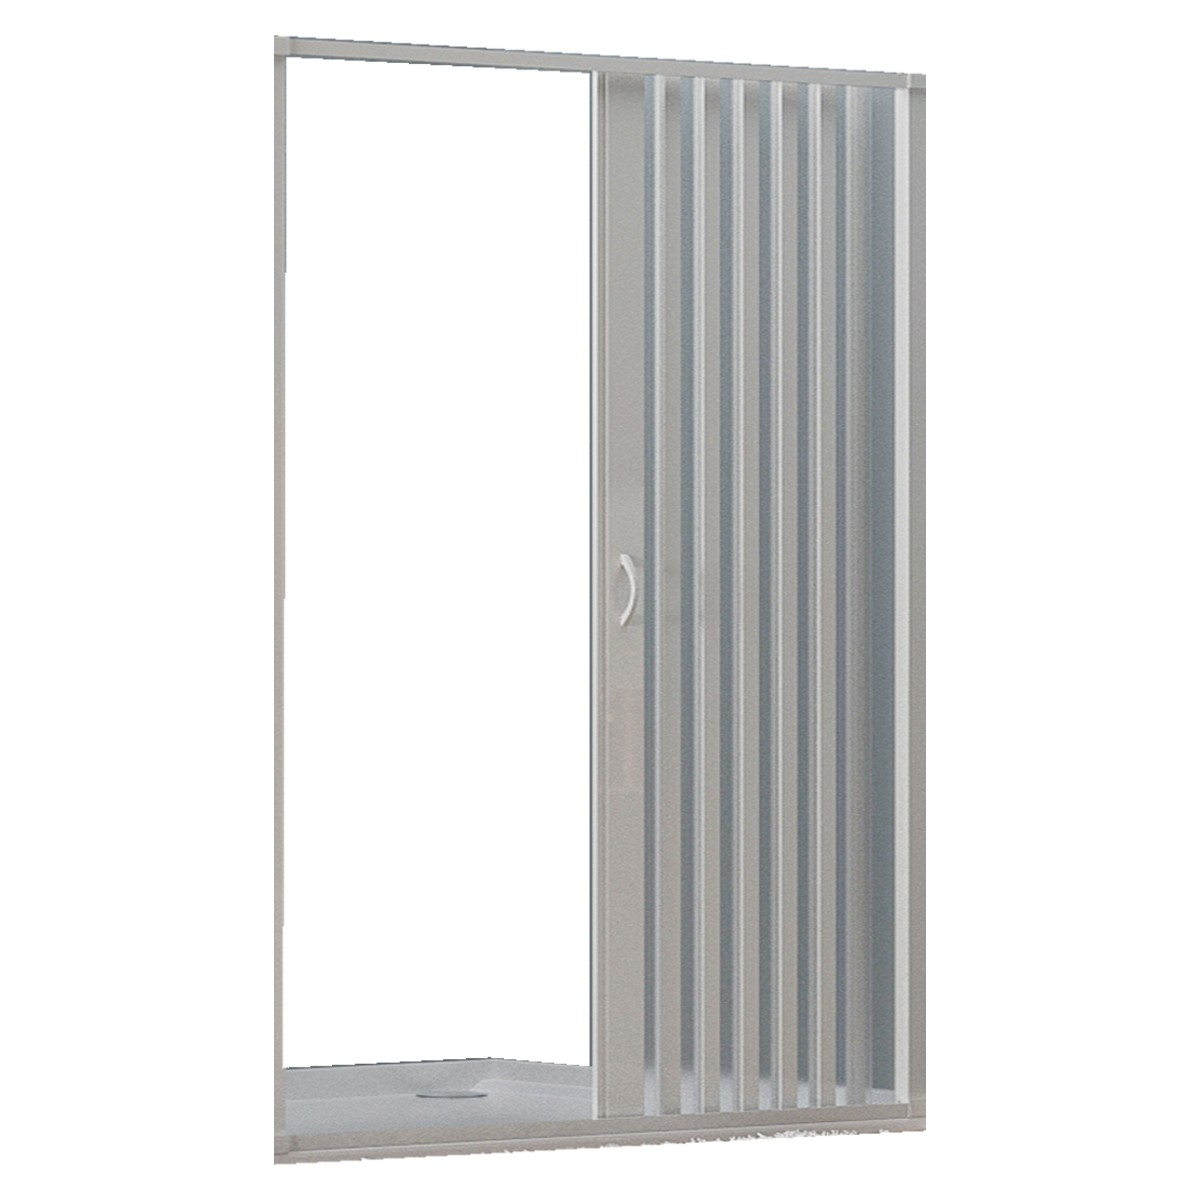 PVC extensible douche ouverture centrale semi-circulaire de la porte 70//80